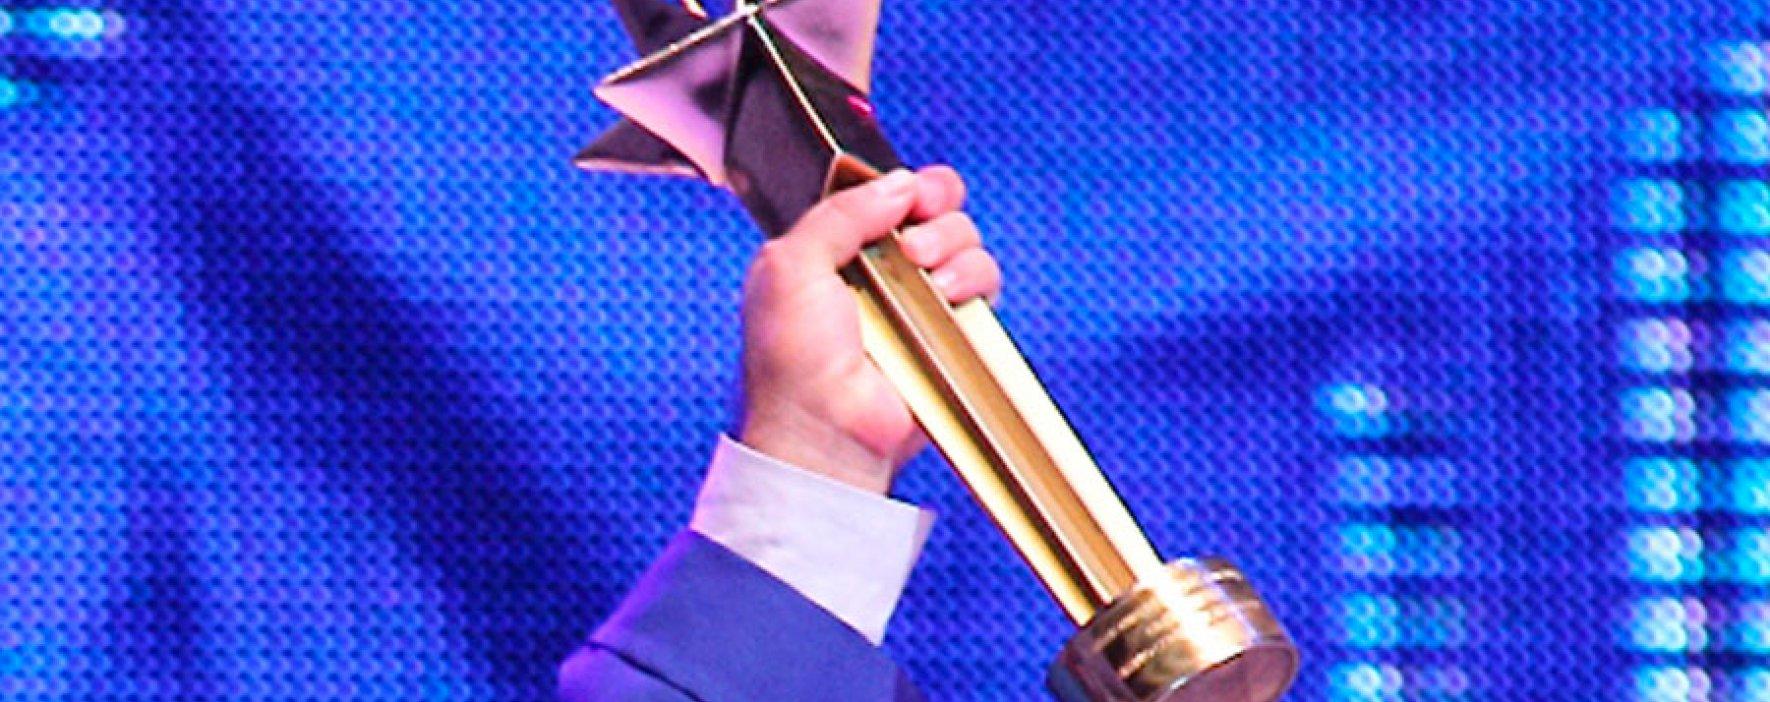 Presentamos los finalistas del Premio Compartir 2016 - 2017